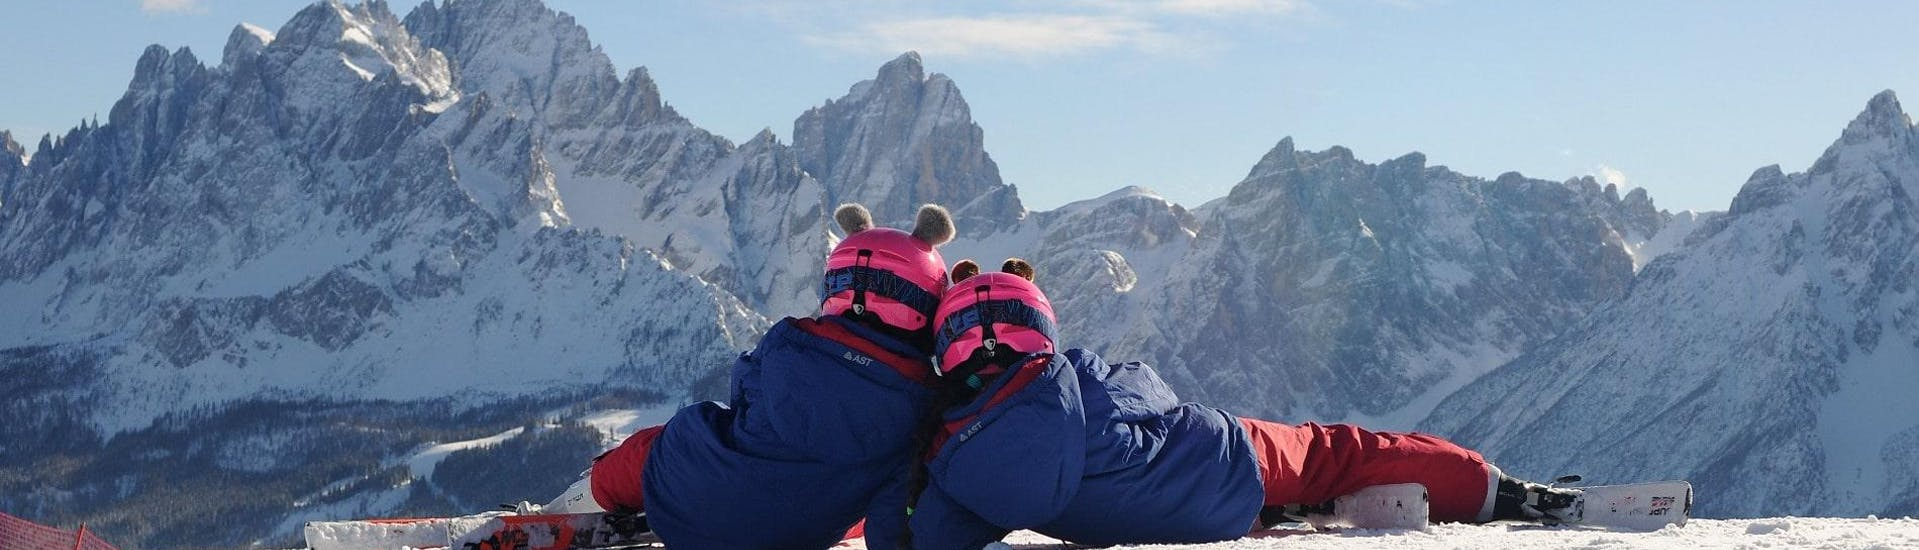 Skilessen voor kinderen vanaf 2 jaar - beginners